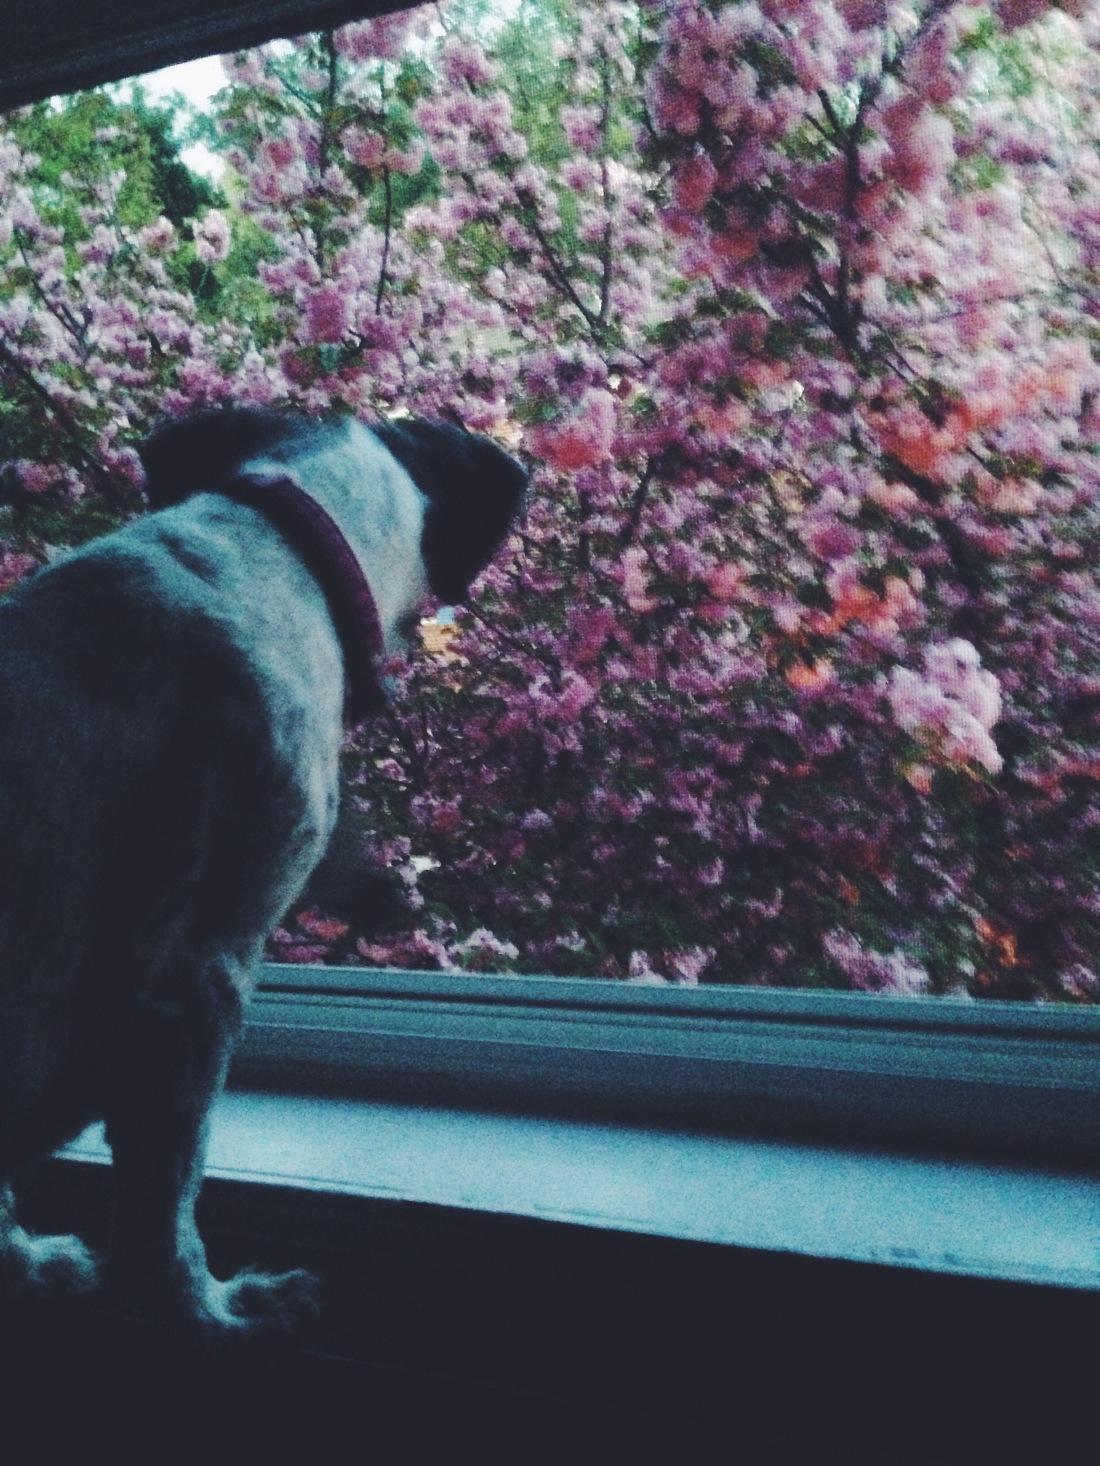 dc cherry blossom tree_reidmore blog